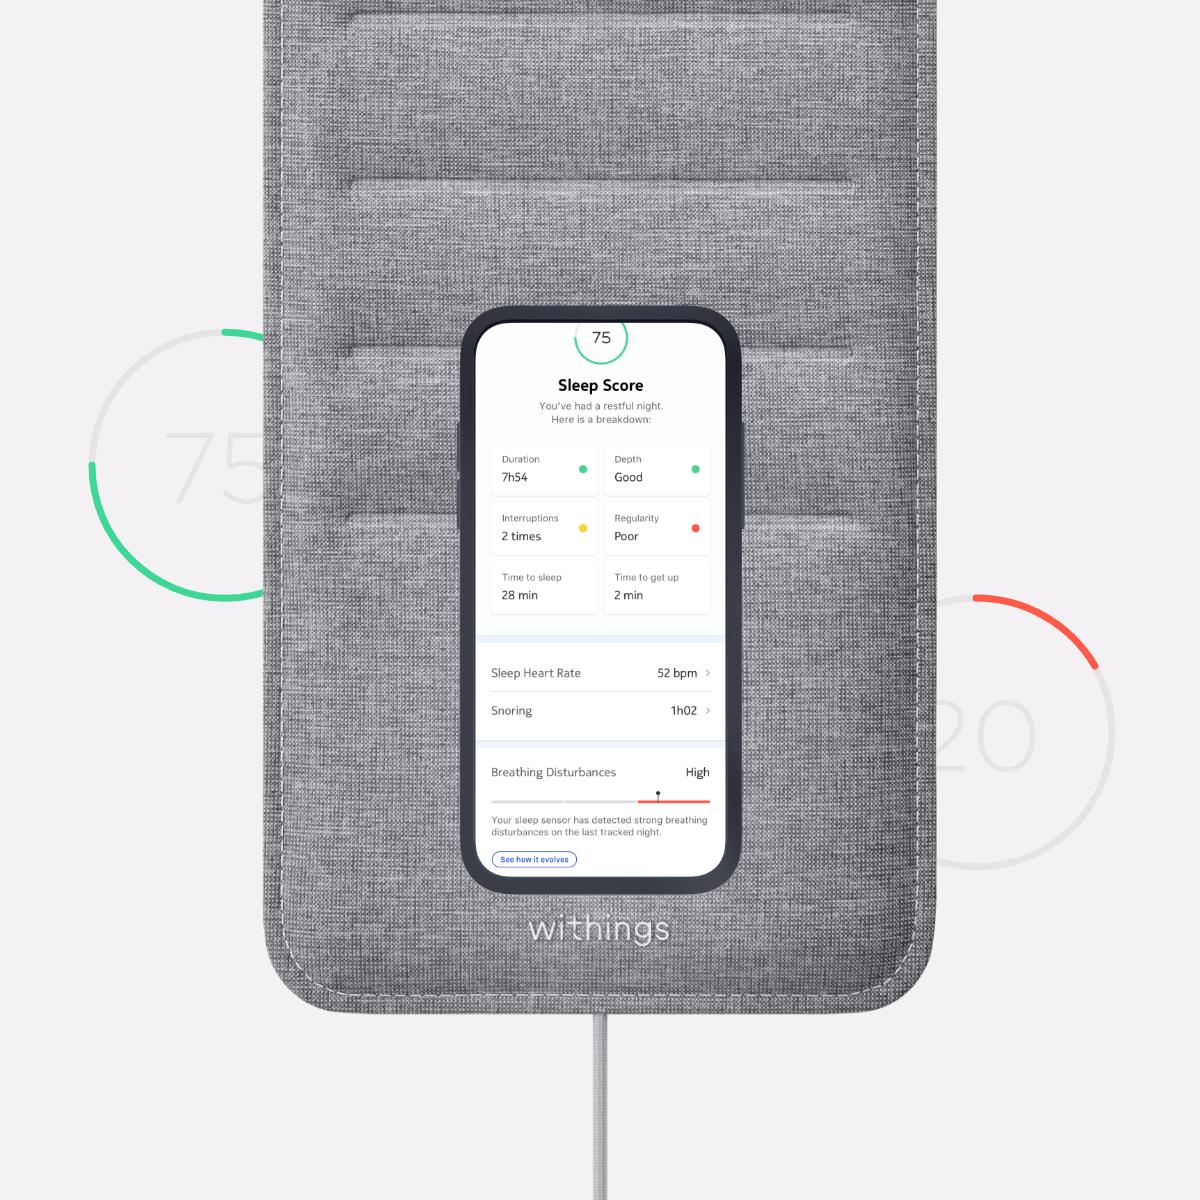 IFTTTと連携できるシート状の睡眠測定器「Sleep」が気になったが、和室に布団には適さない 3